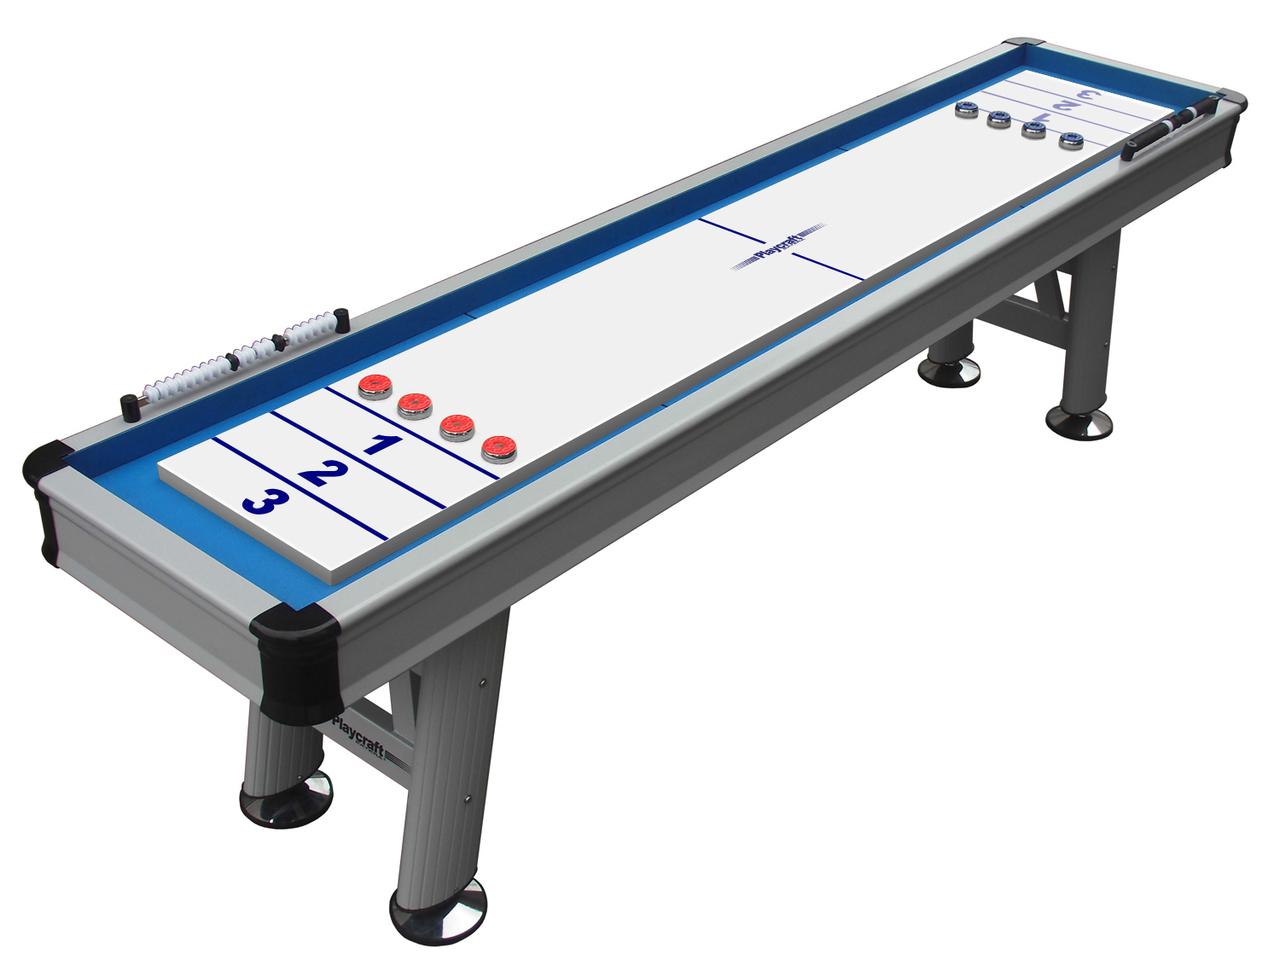 9' Extera Outdoor Shuffleboard Table